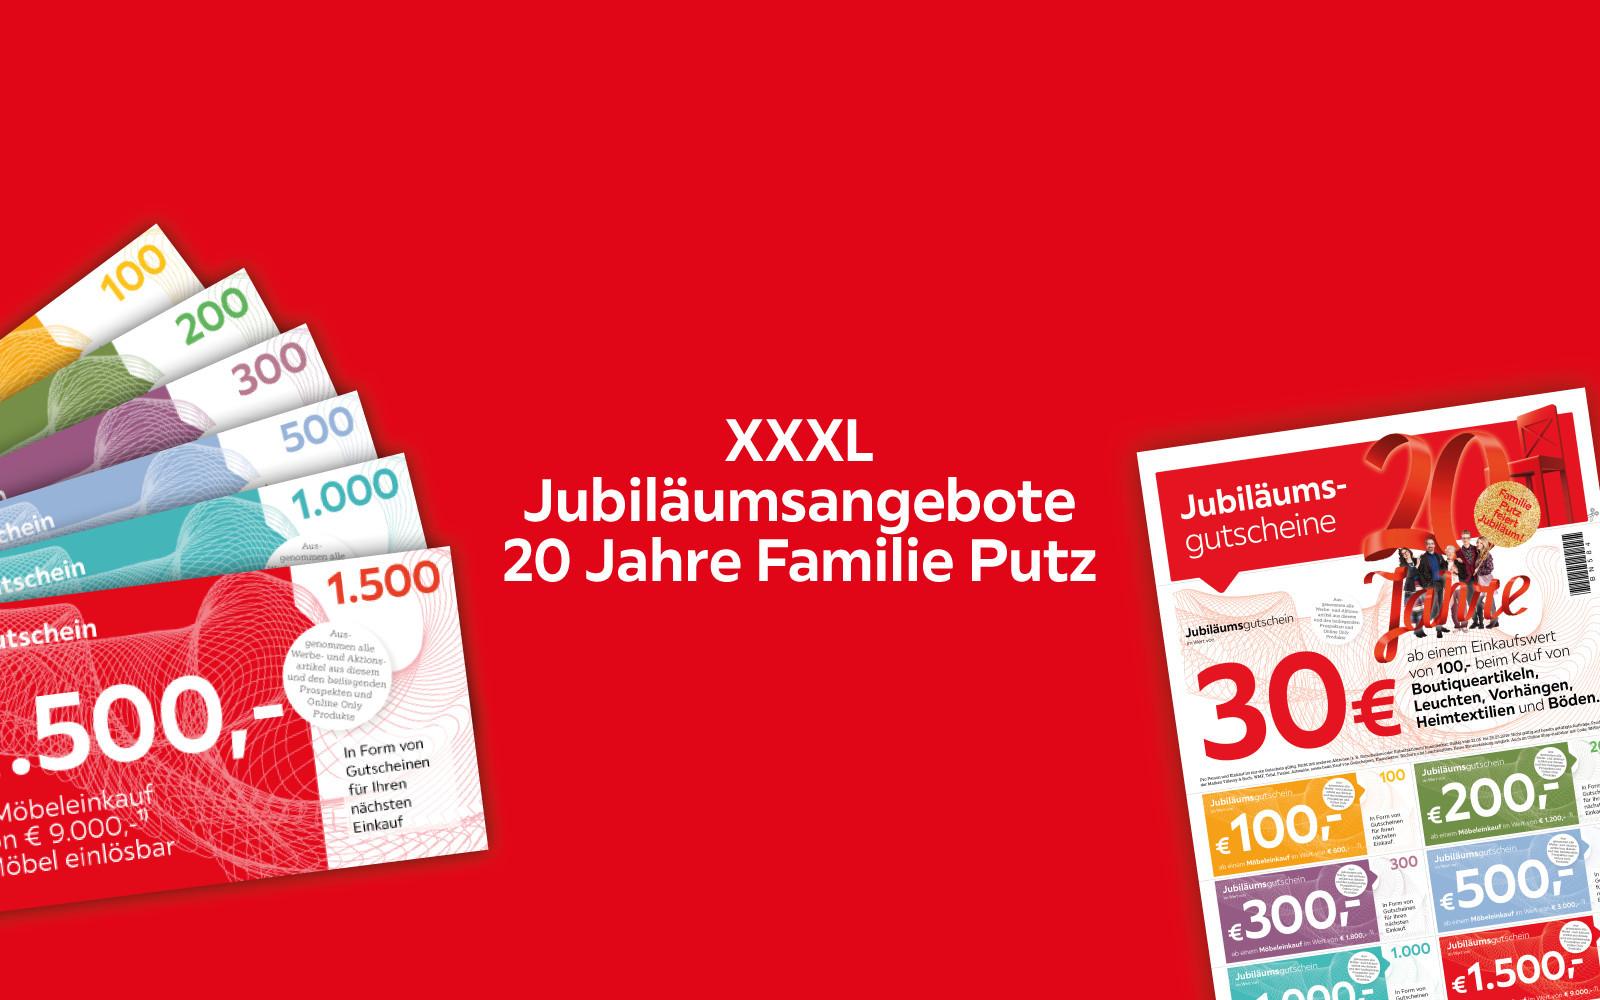 XXXL Jubiläumsangebote